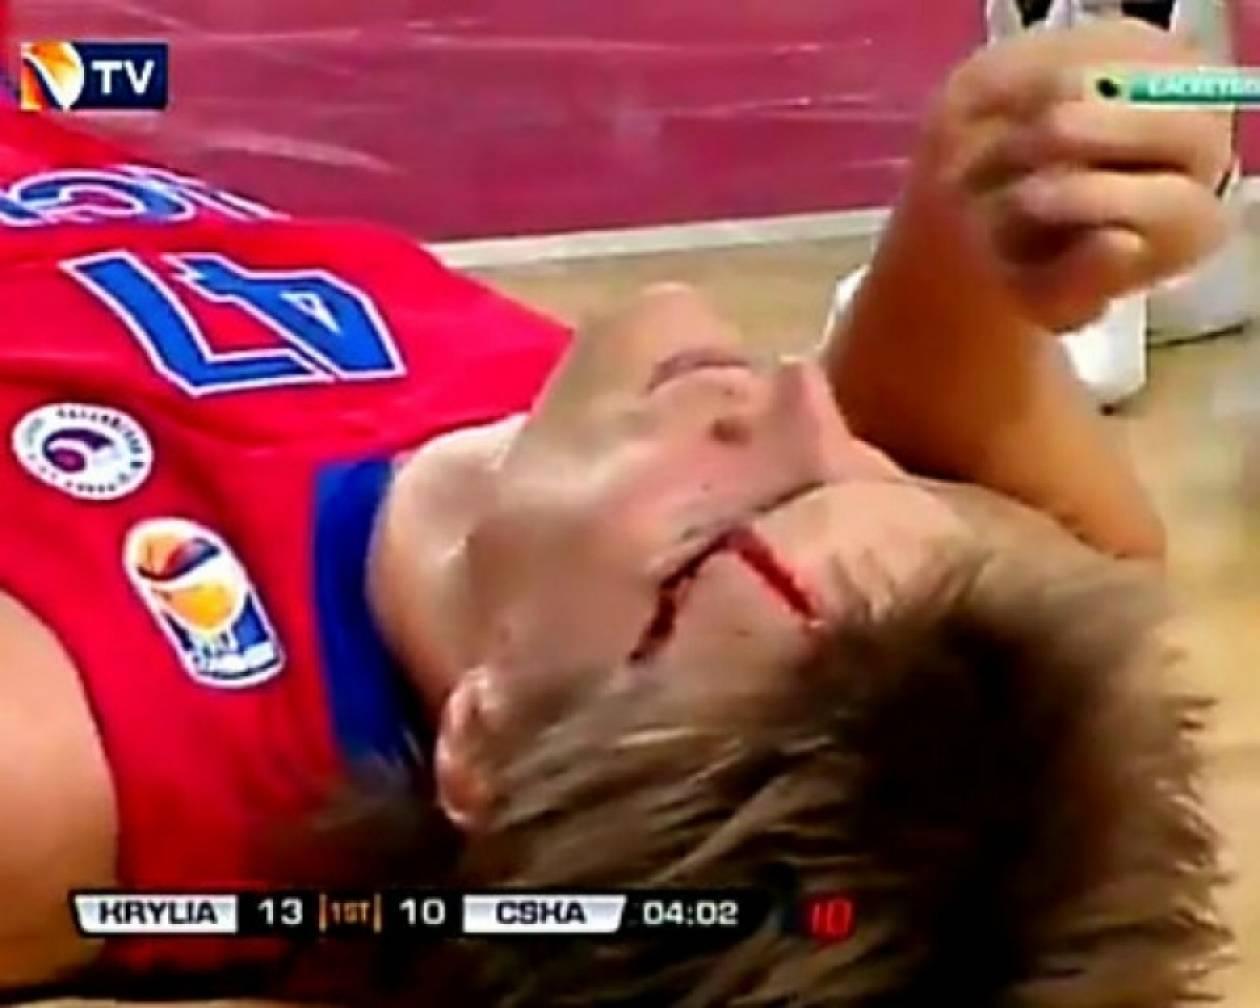 Δείτε τον σοκαριστικό τραυματισμό του Κιριλένκο της ΤΣΣΚΑ